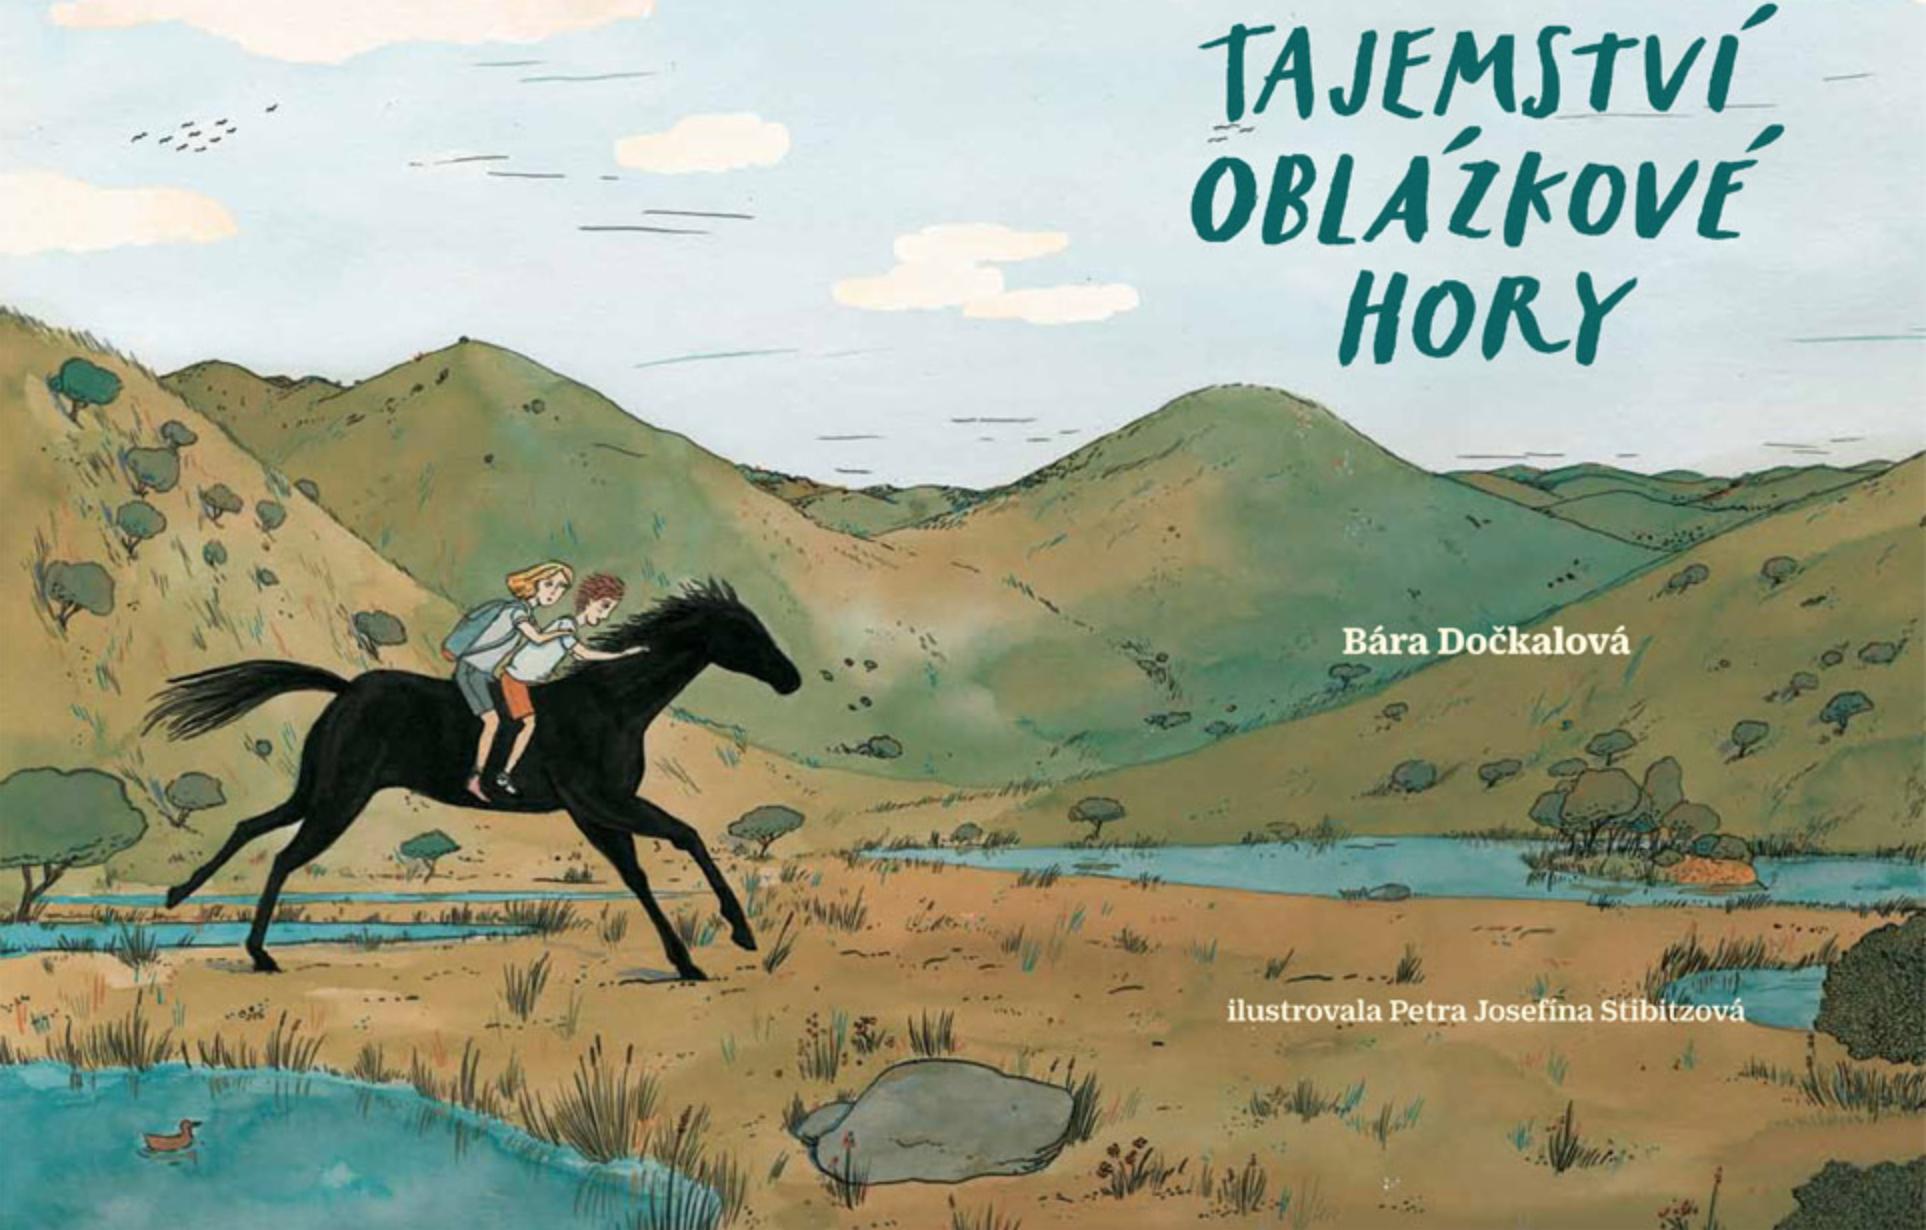 Tajemství oblázkové hory by Barbora Dočkalová shortlisted for the 2019 Magnesia Litera Award